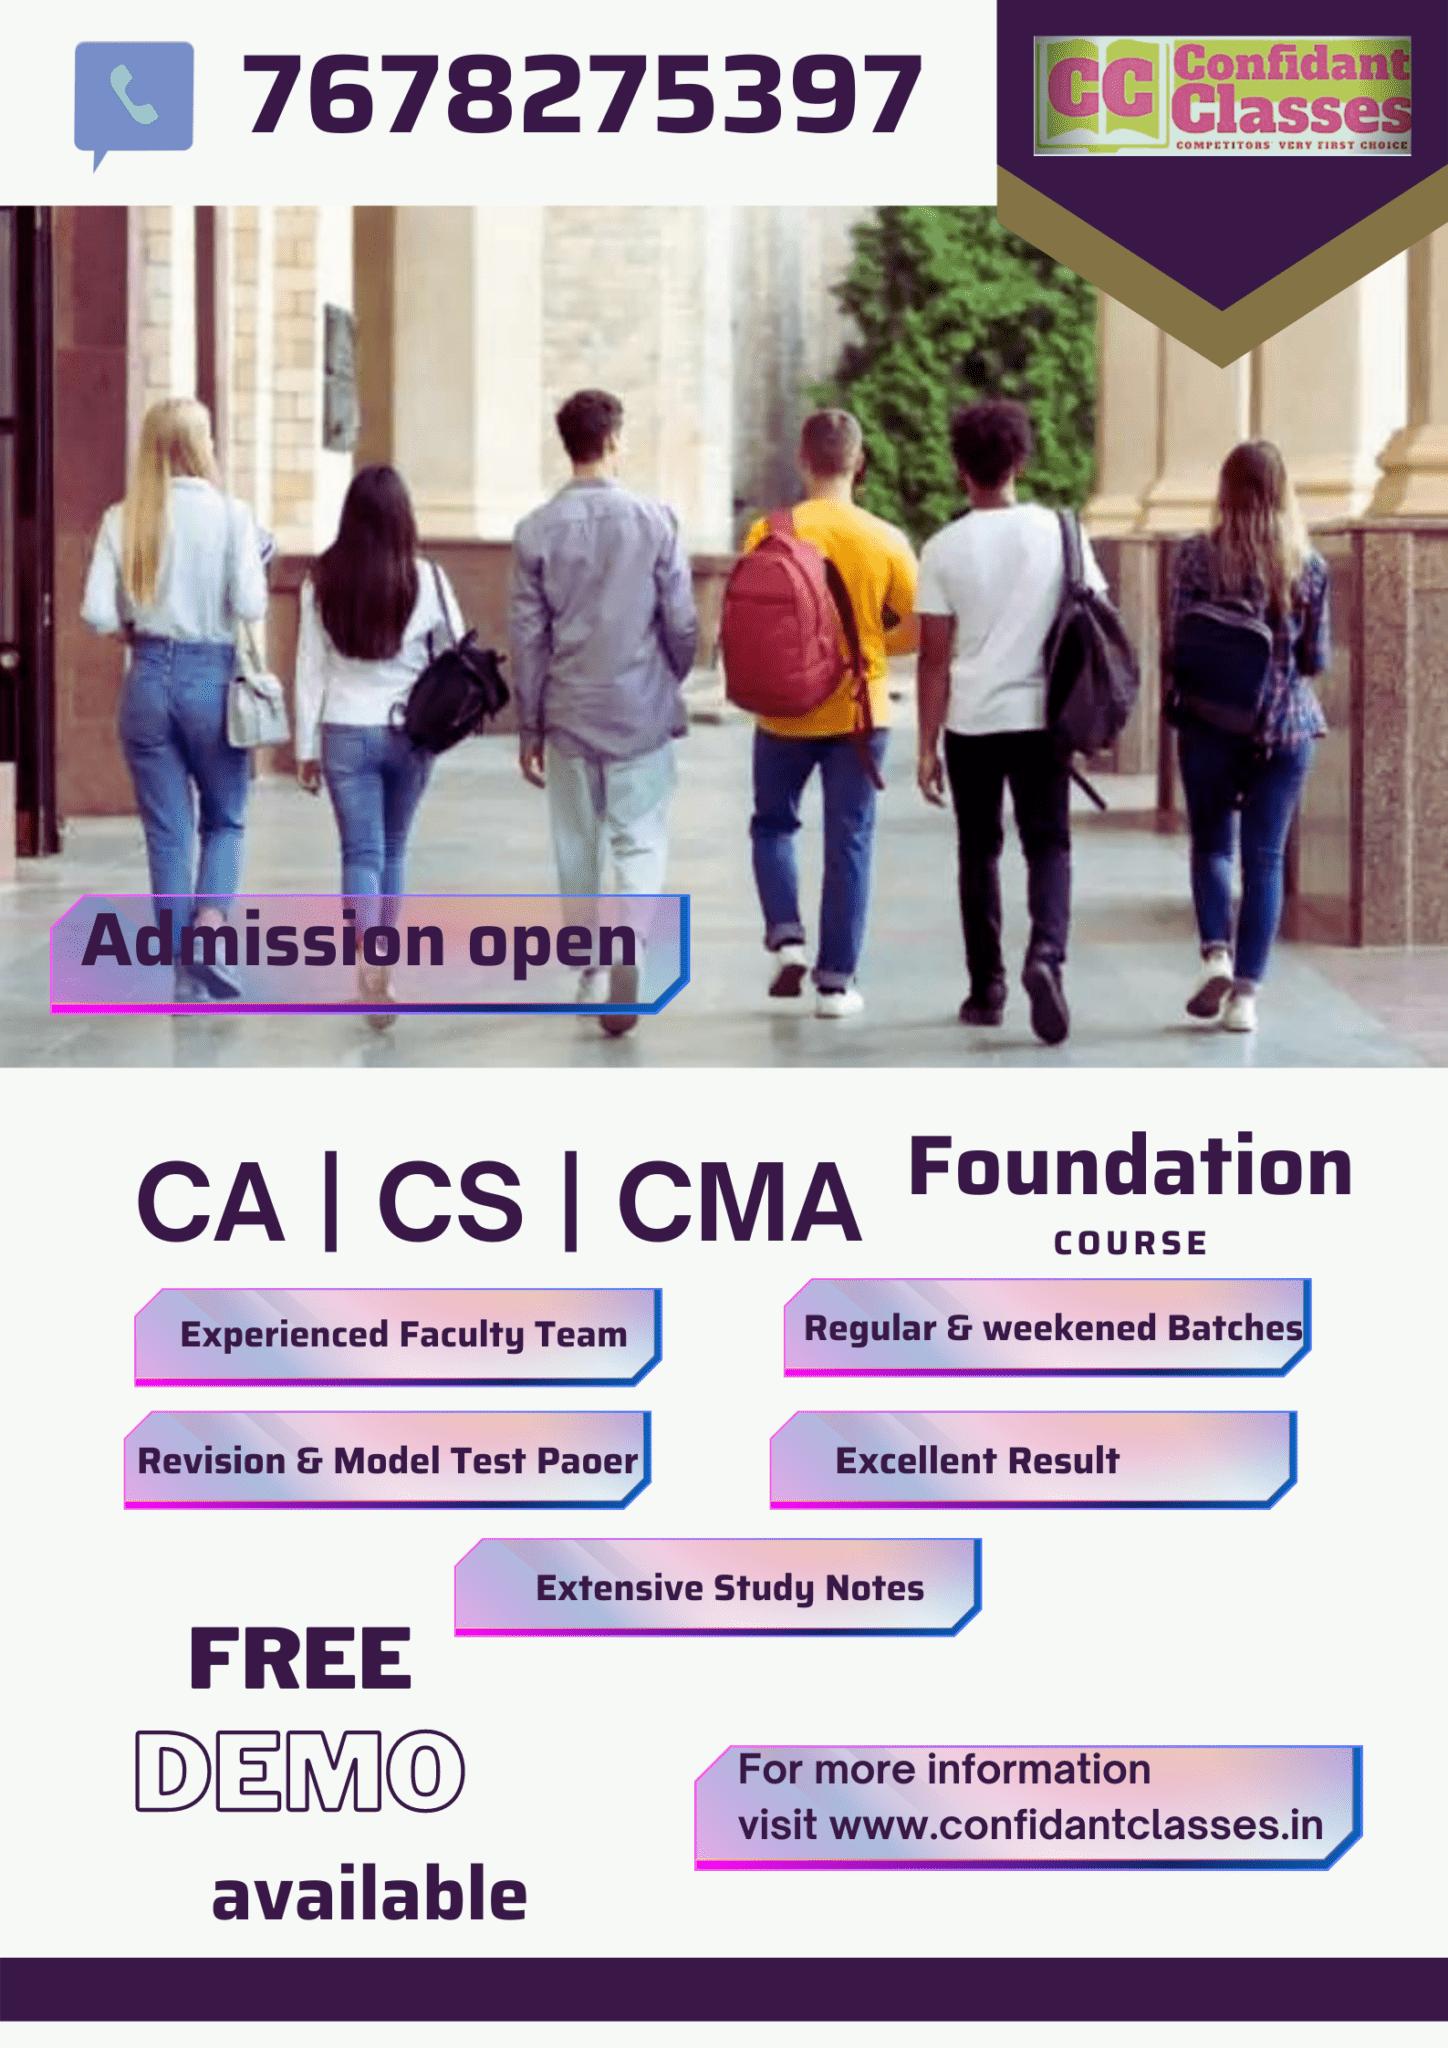 CS-CA-CMA-Foundation-course